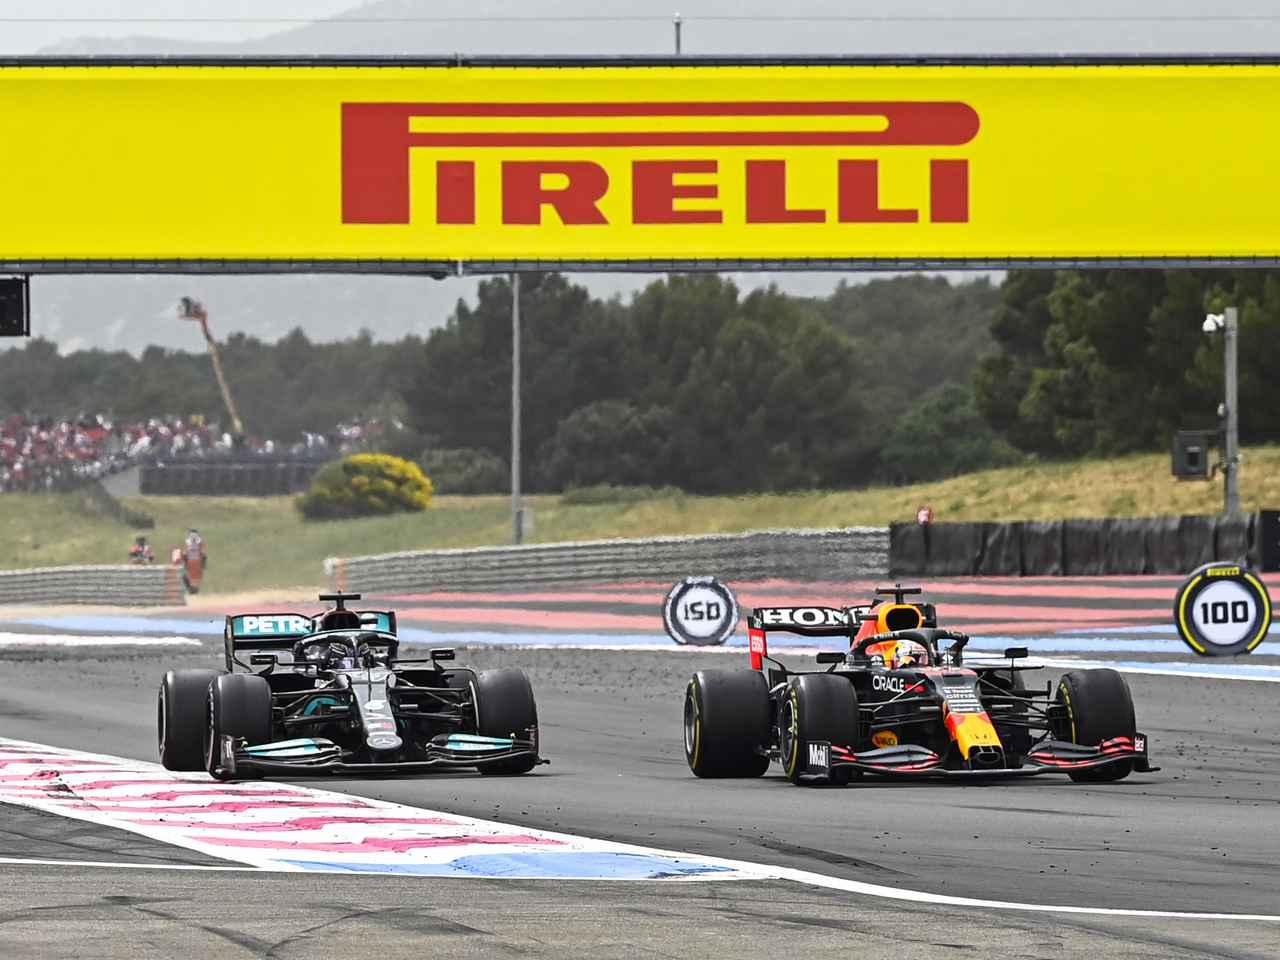 2021年F1第7戦、最終盤の劇的逆転とフェルスタッペンの快勝は「計算どおり」だった【フランスGP】